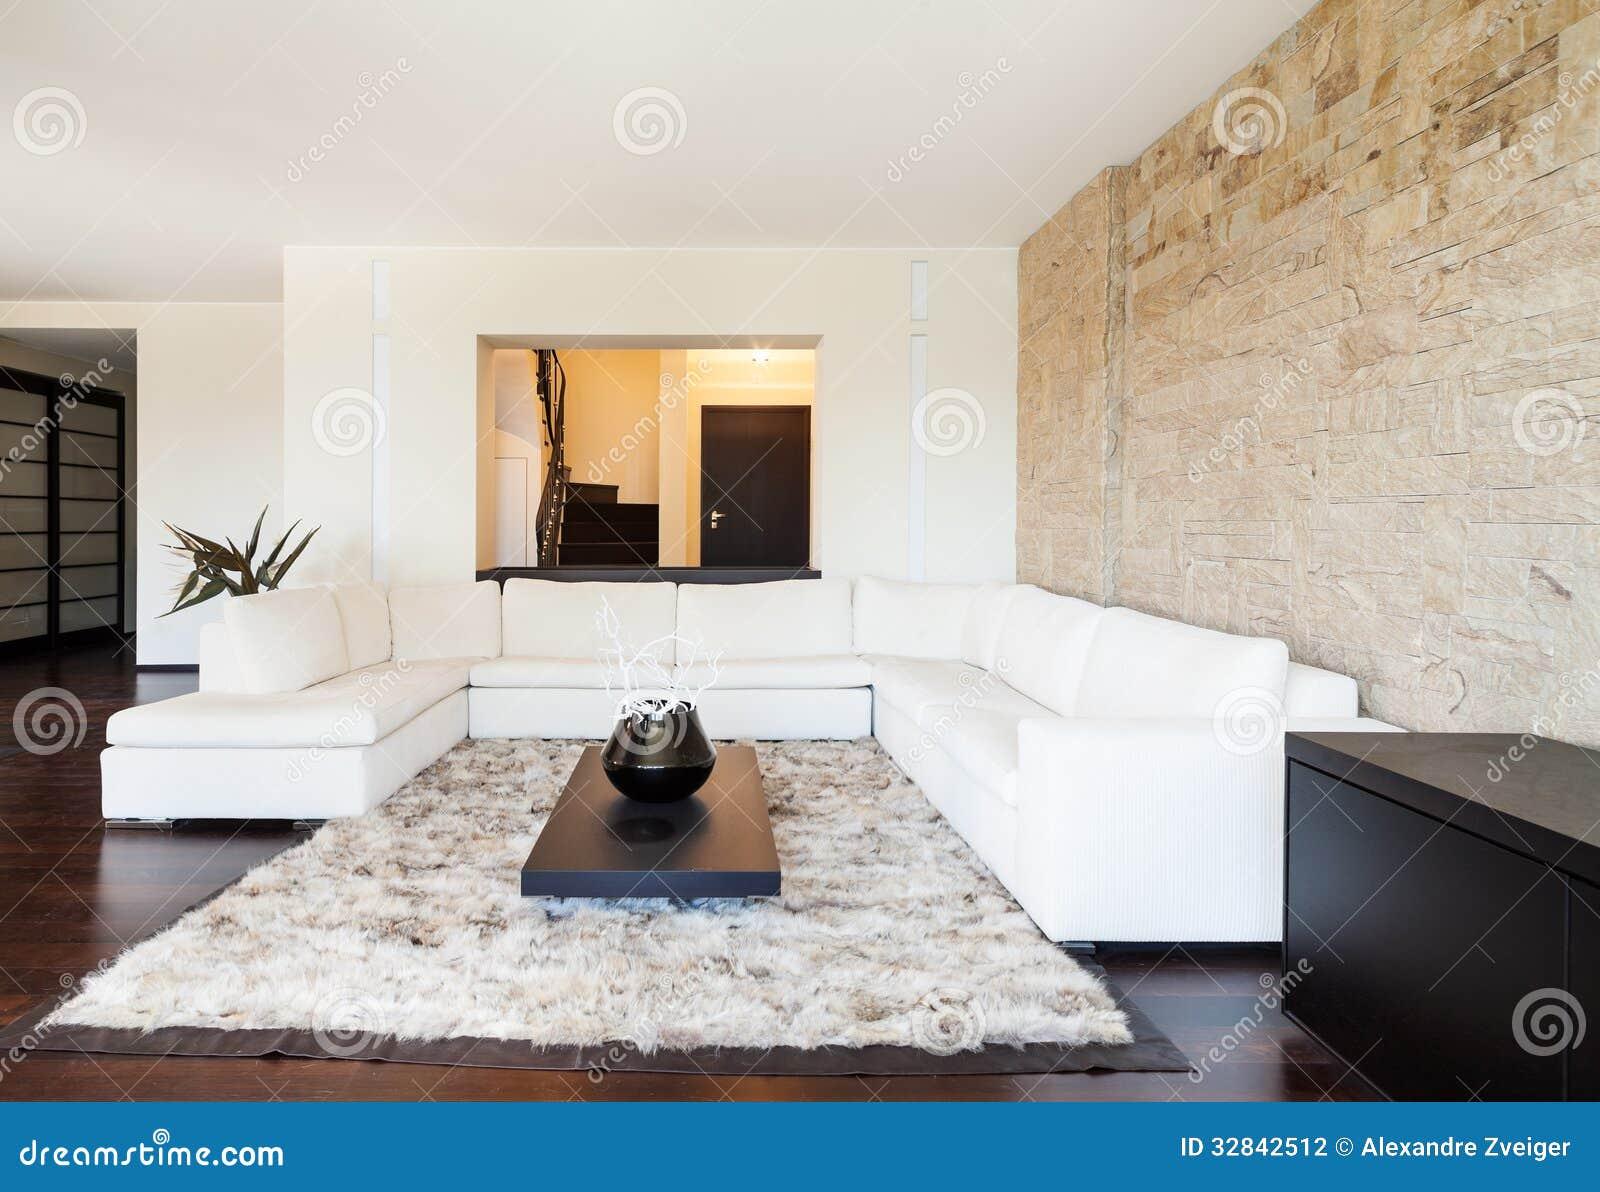 Interieur De Luxe Appartement appartement de luxe intérieur photo stock - image du